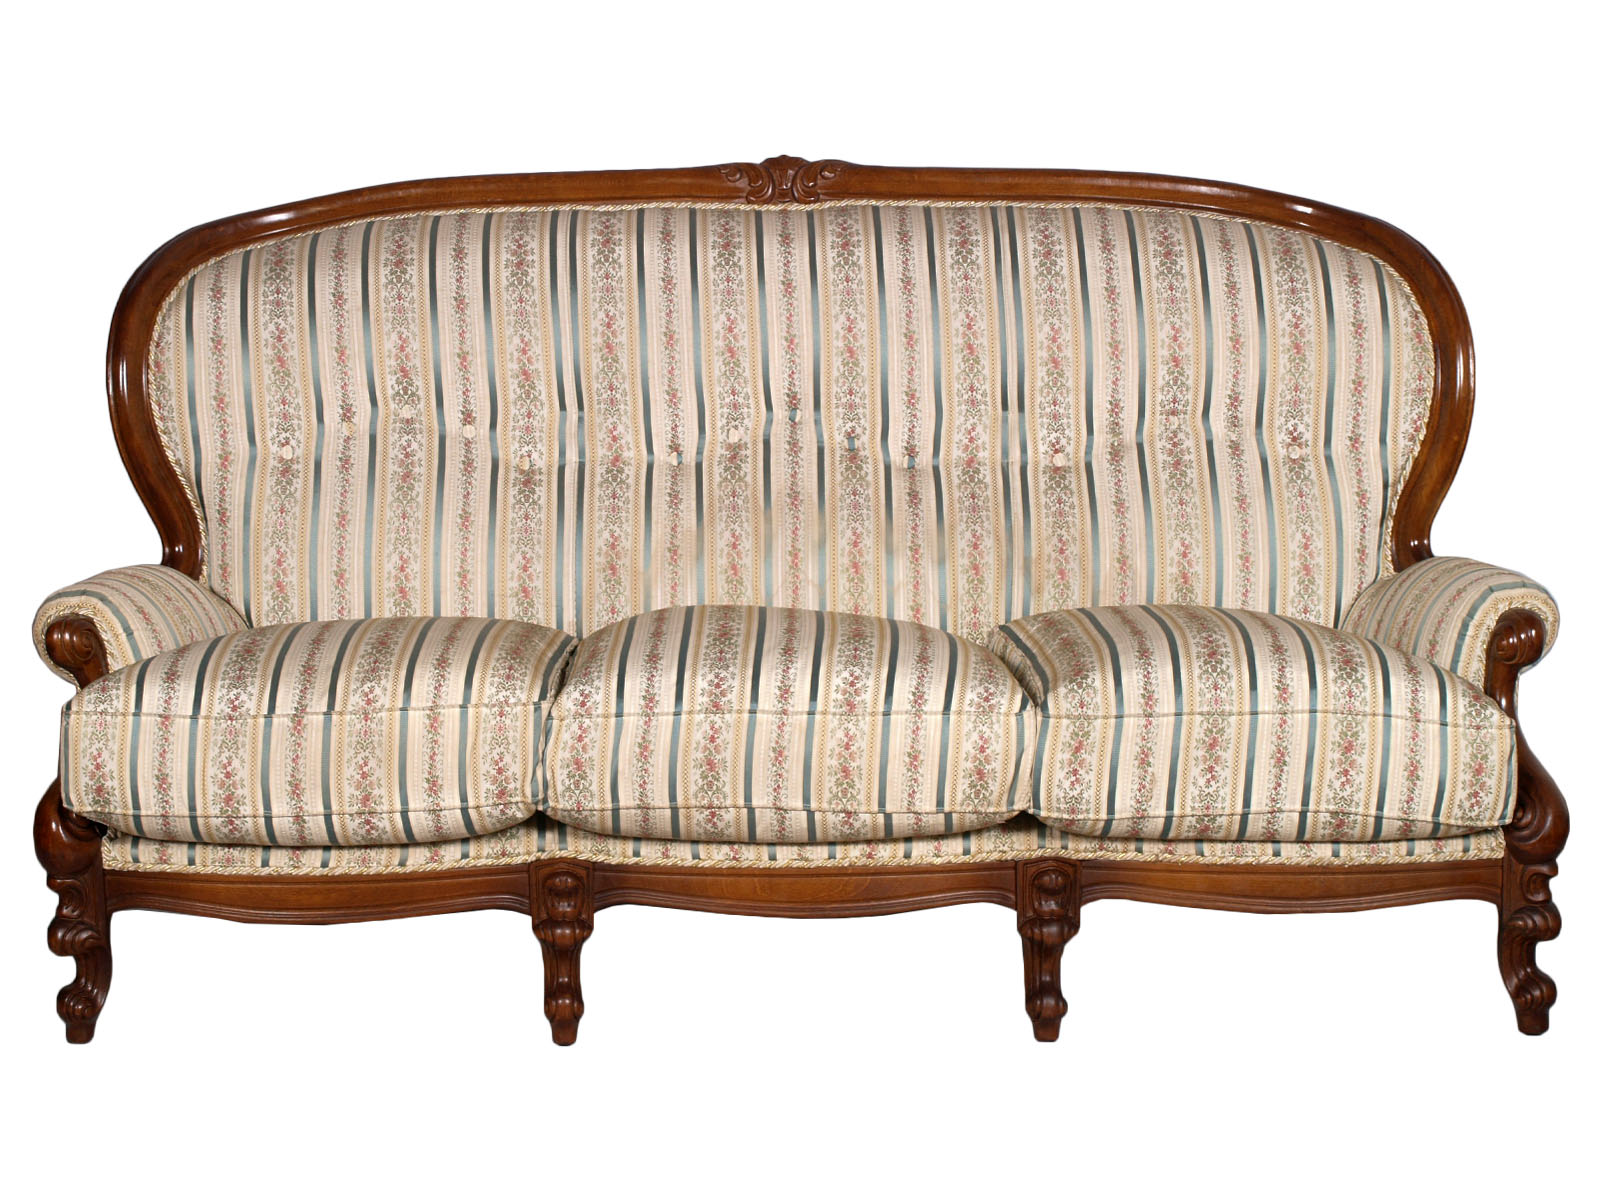 Antique baroque sofa divano barocco periodo liberty noce intagliato ma h59 ebay - Divano luigi filippo ...